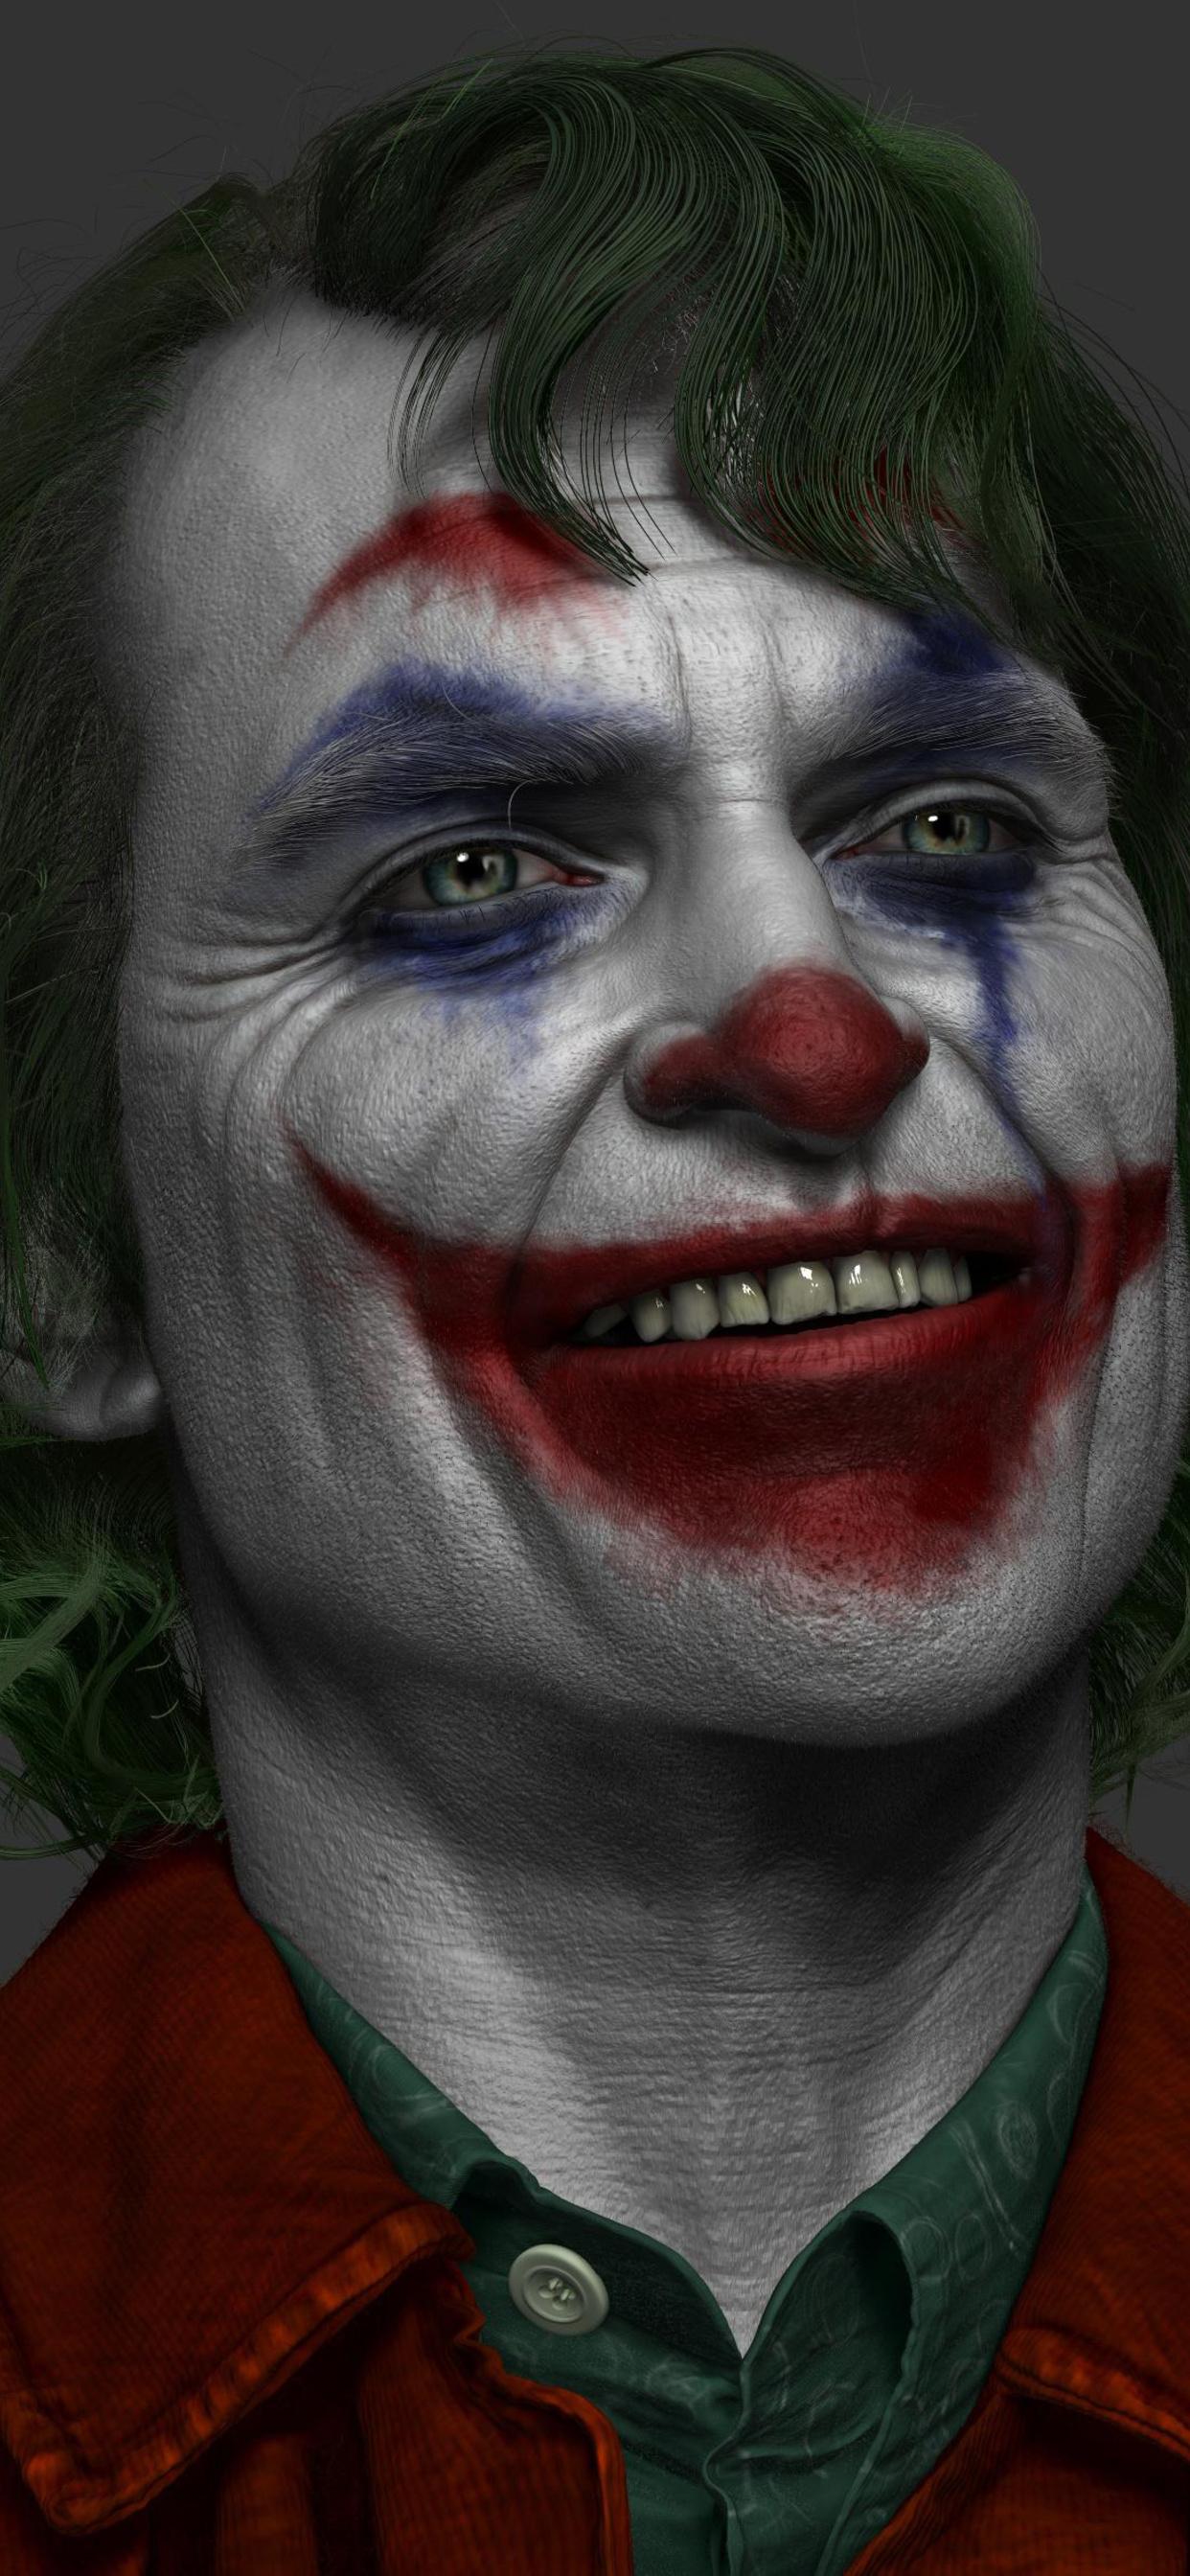 1242x2688 Joker Joaquin Phoenix Artwork 4k Iphone Xs Max Hd